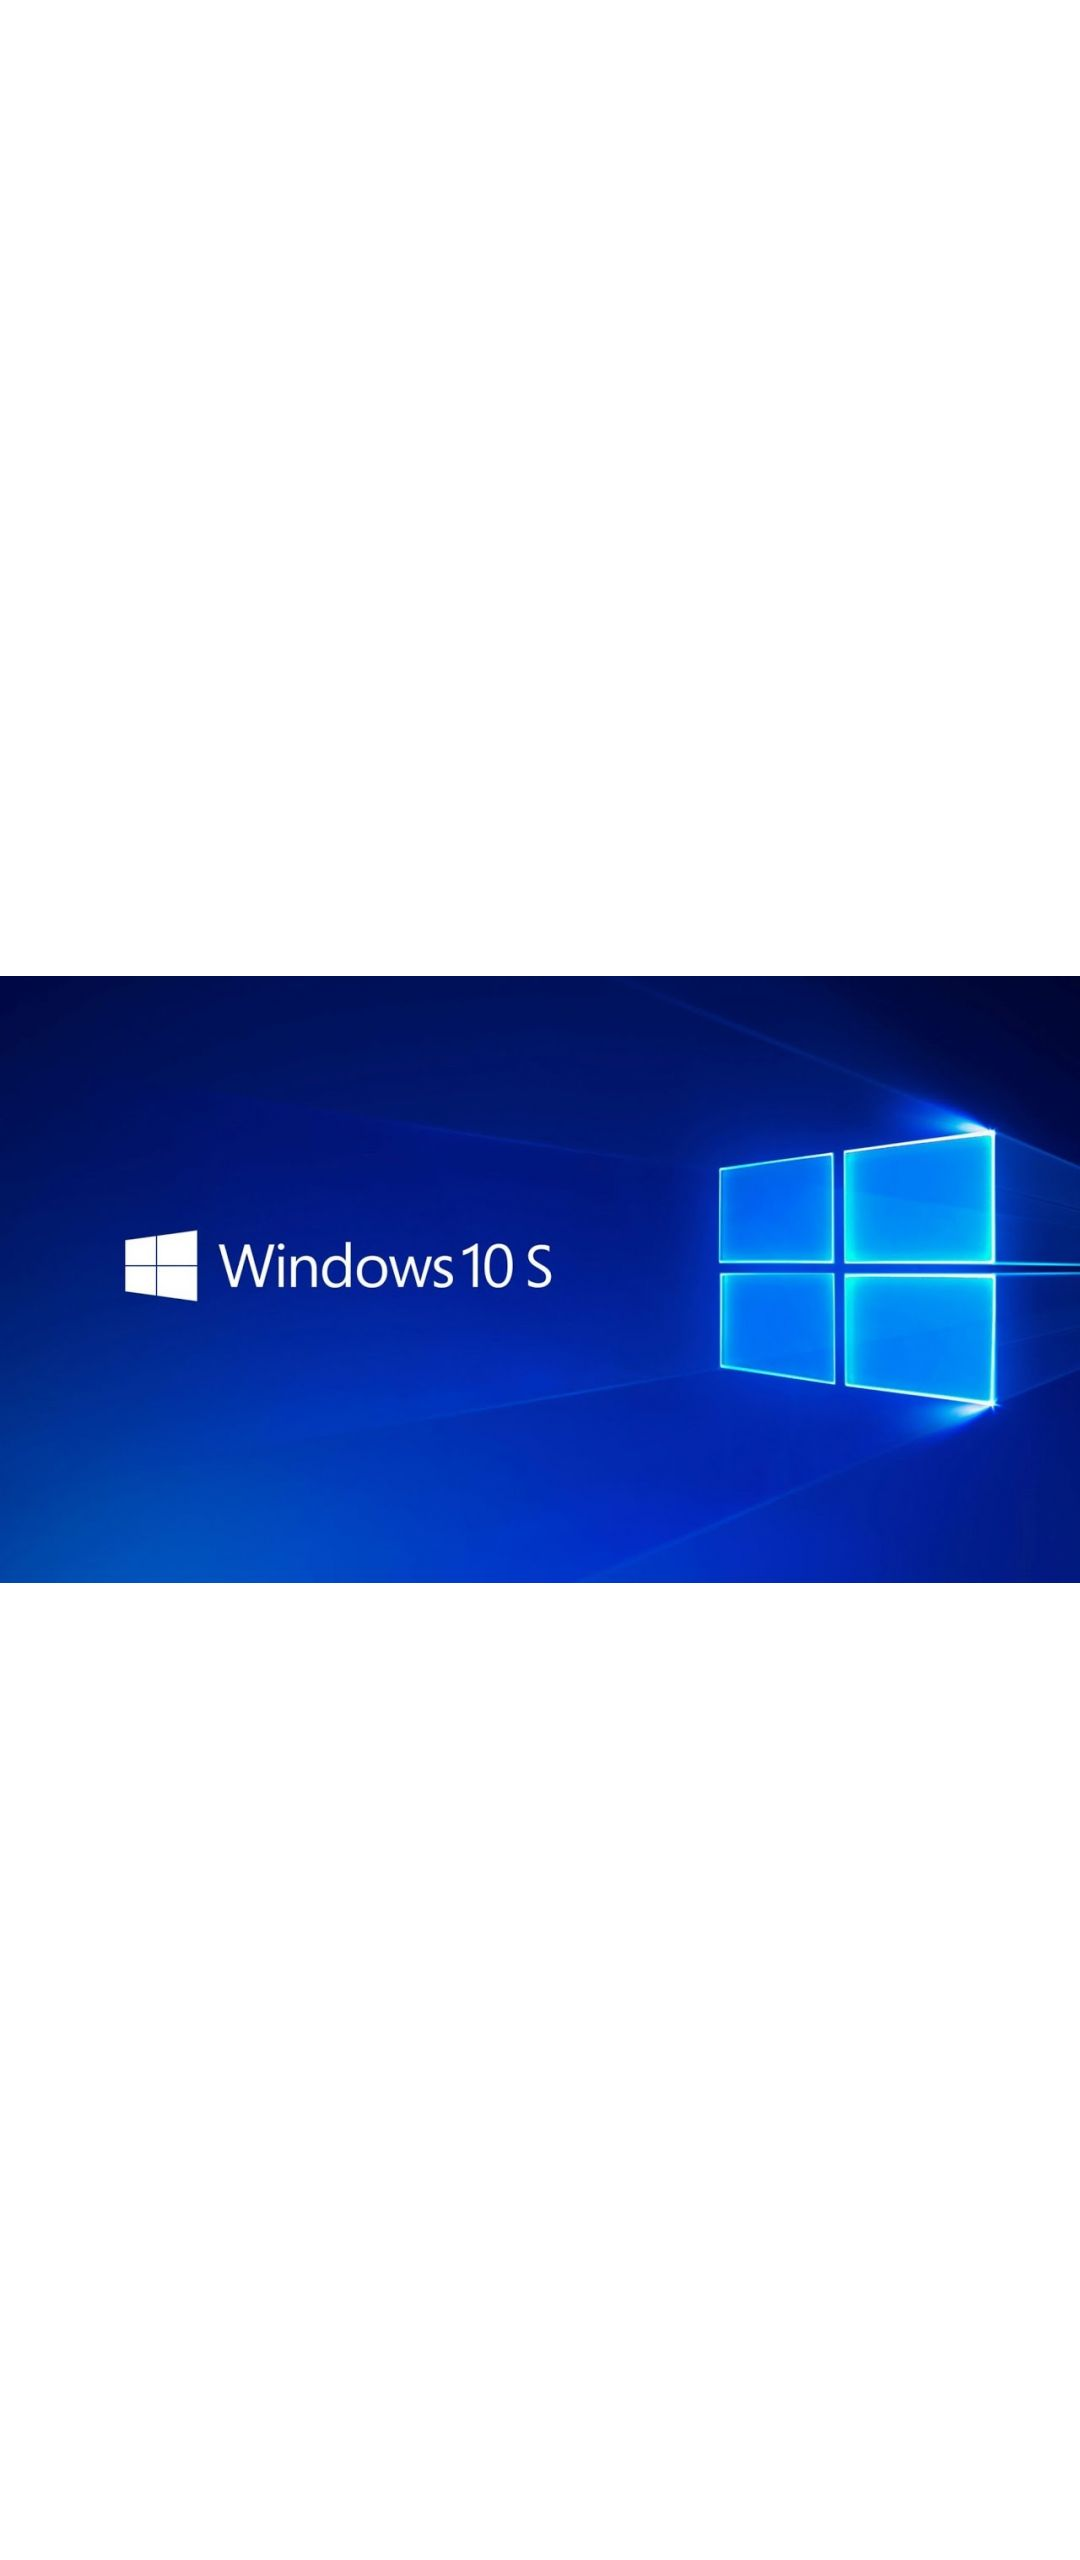 Microsoft extiende actualización gratuita de Windows 10 S a Windows 10 Pro